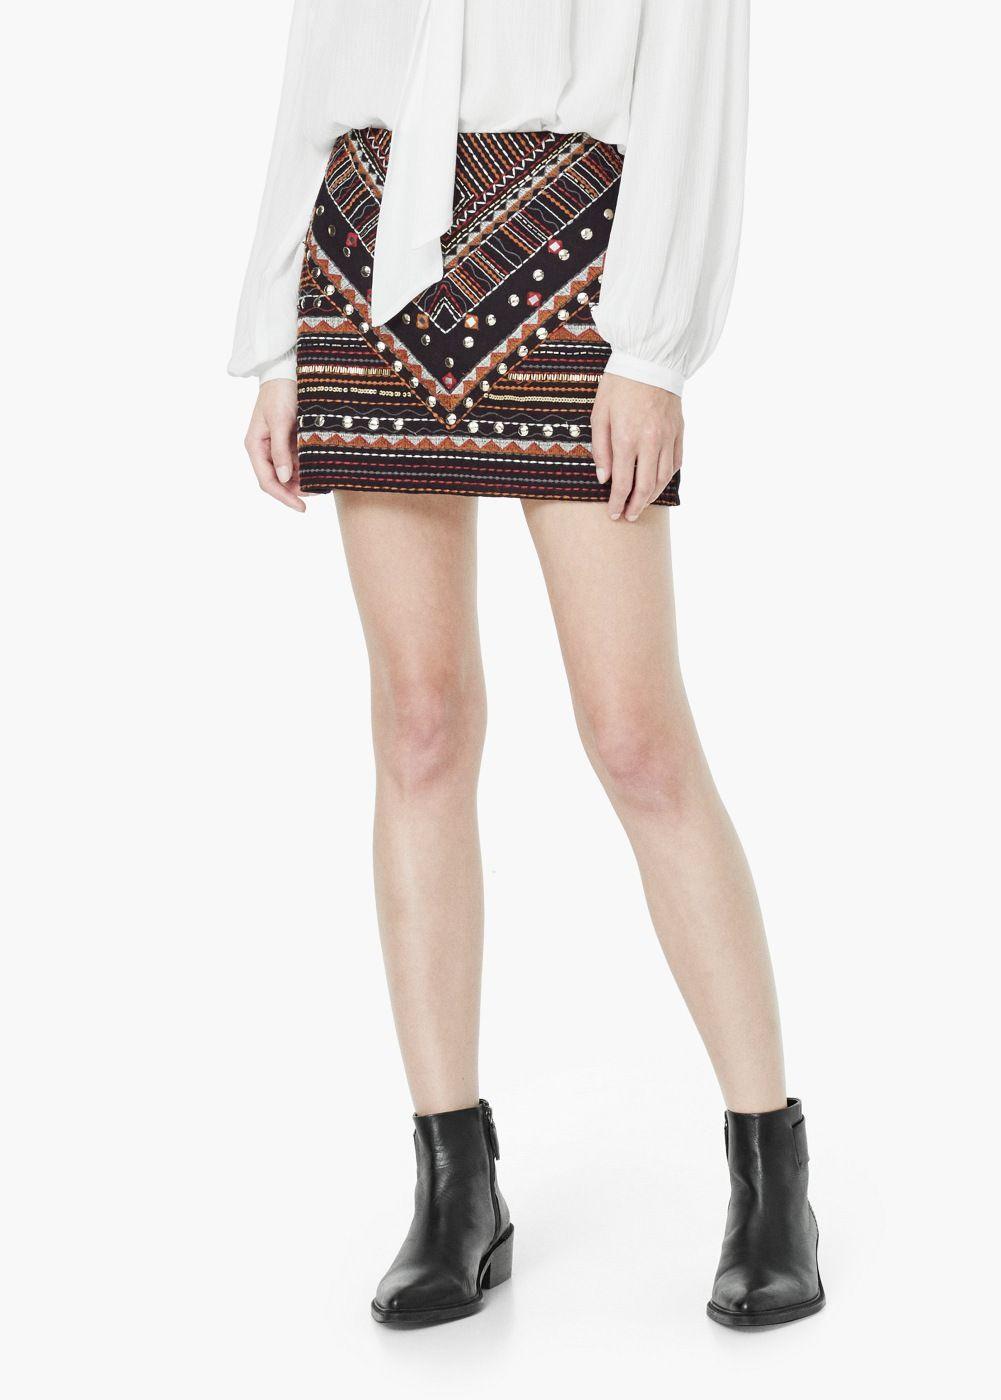 Модные юбки с пайетками. Создаем яркий образ. - volshebnaya-live 46